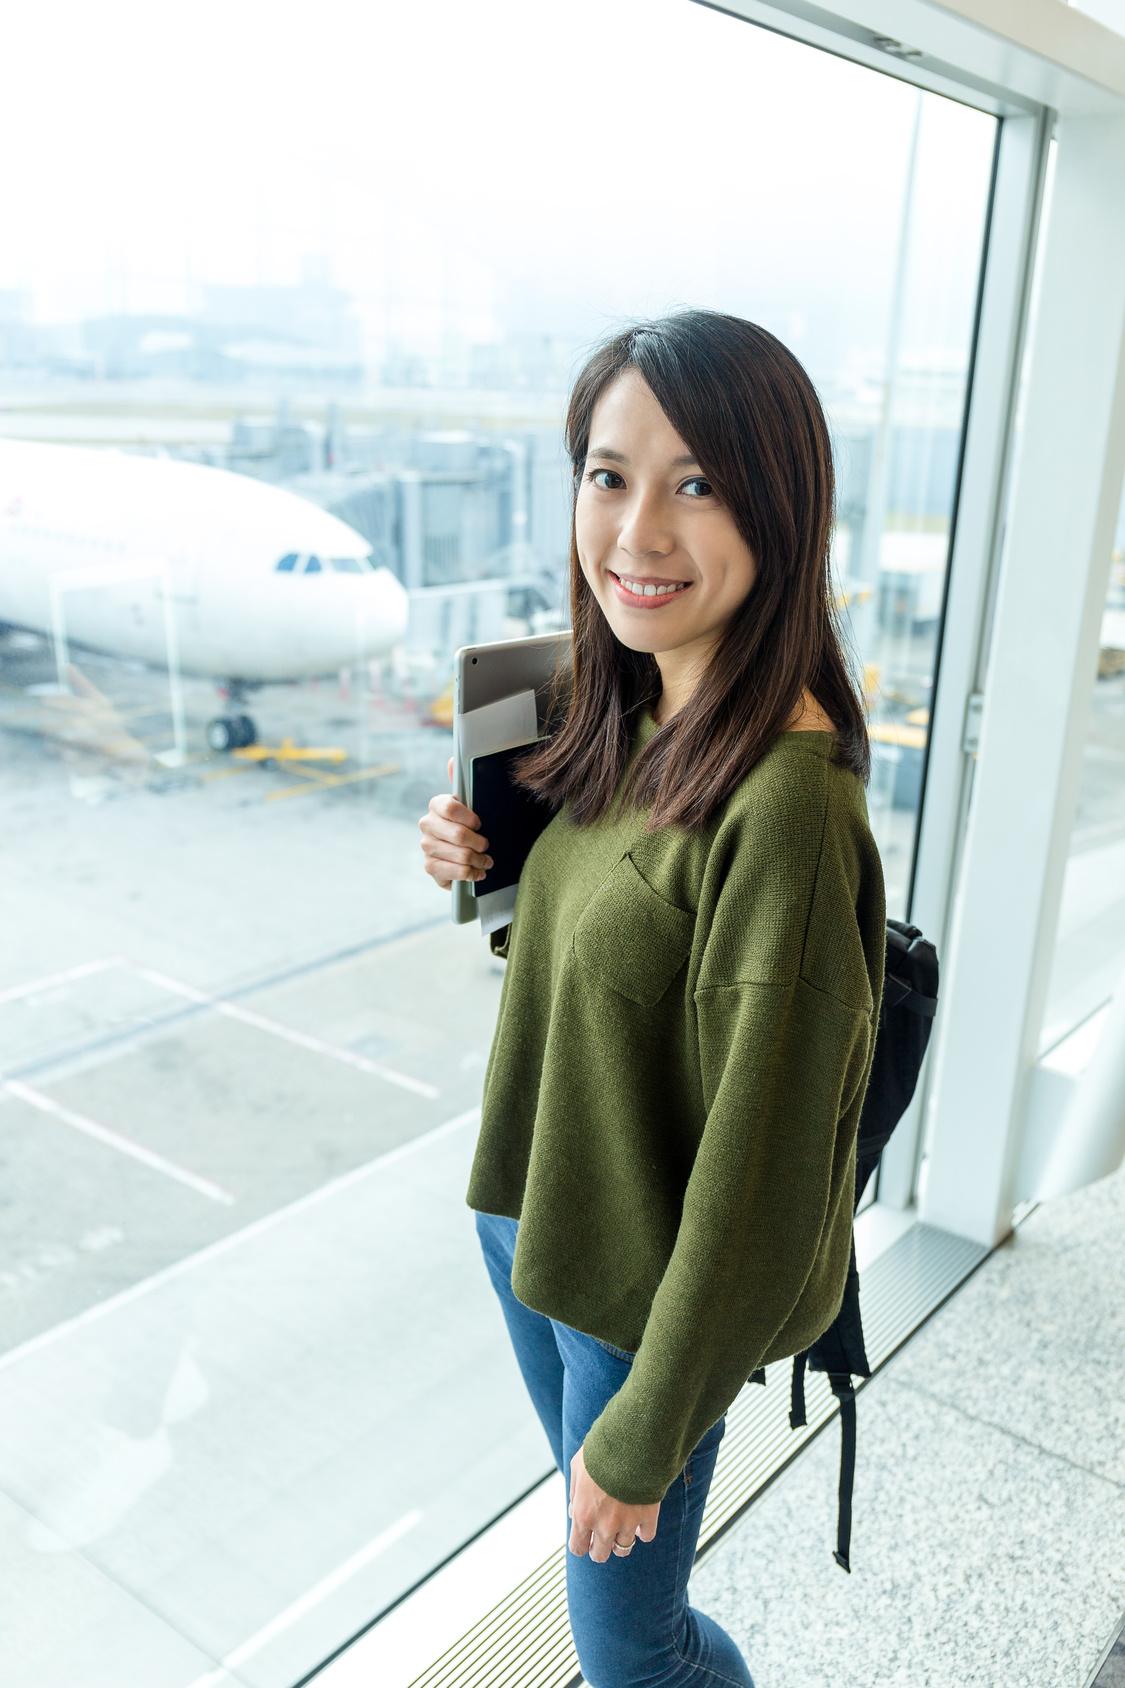 海外旅行で失敗しない服装選びについて